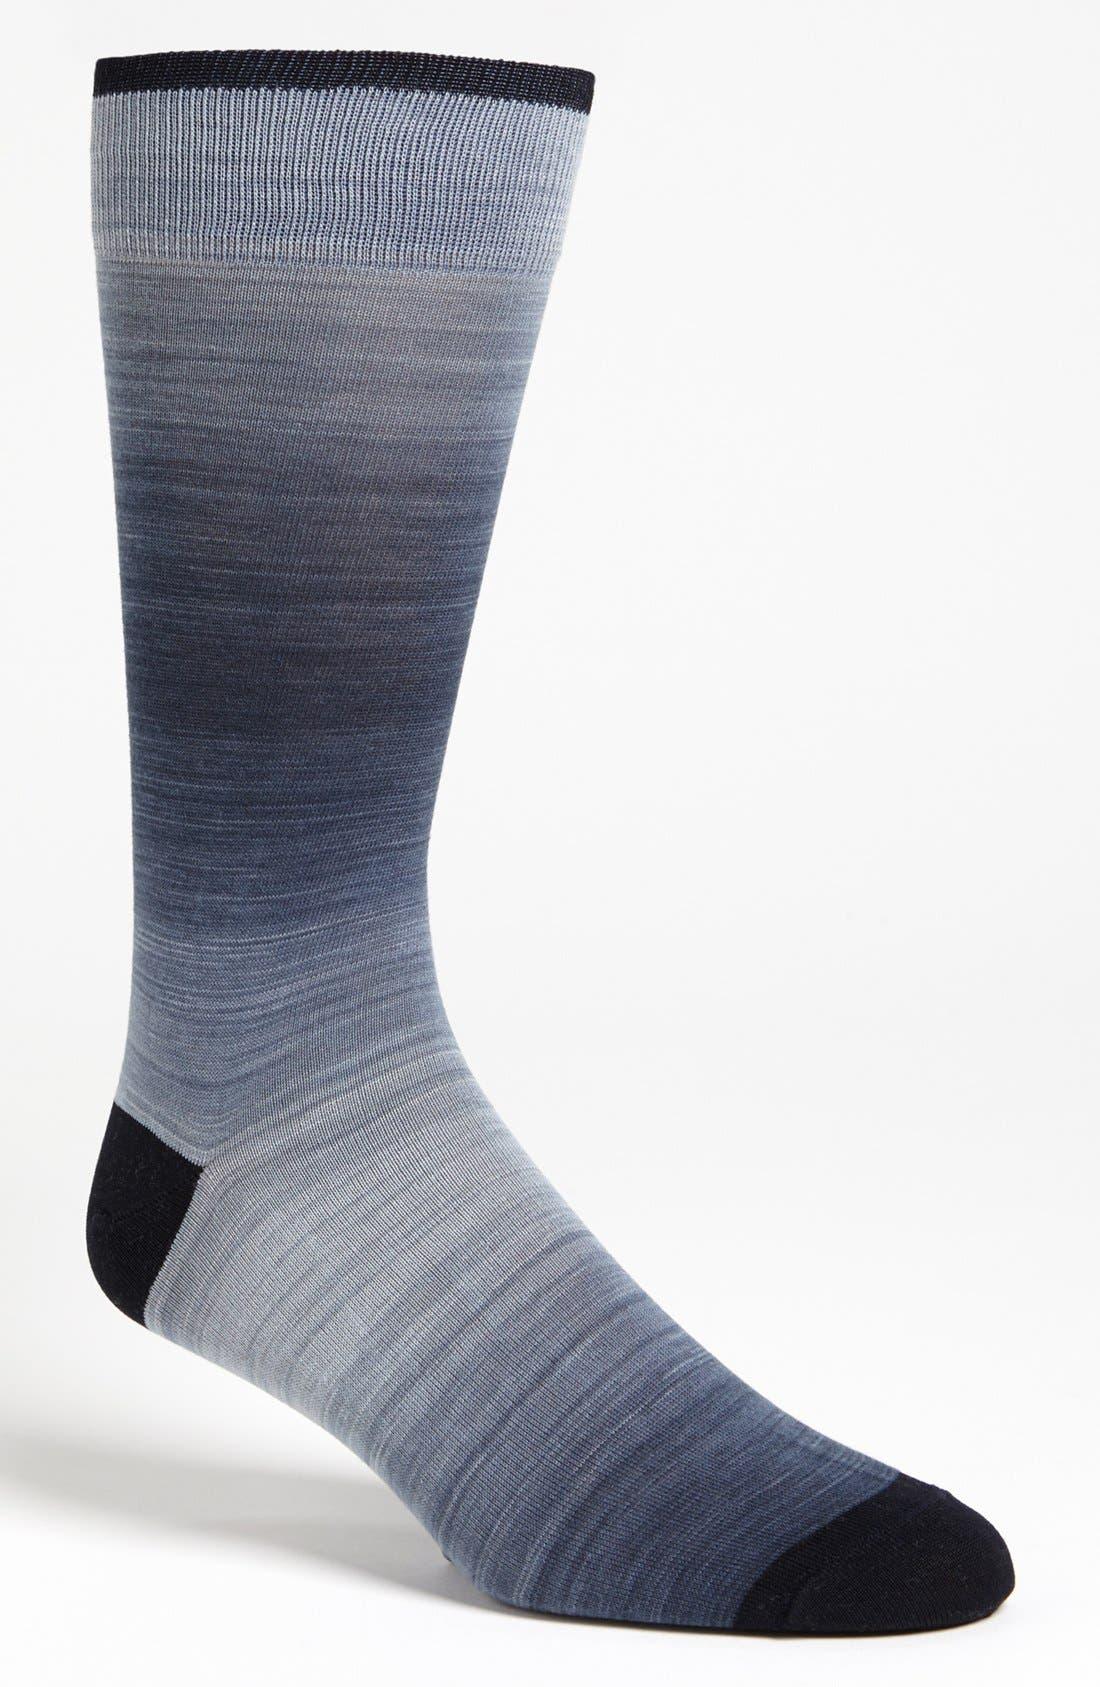 Main Image - Marcoliani 'Delave' Socks